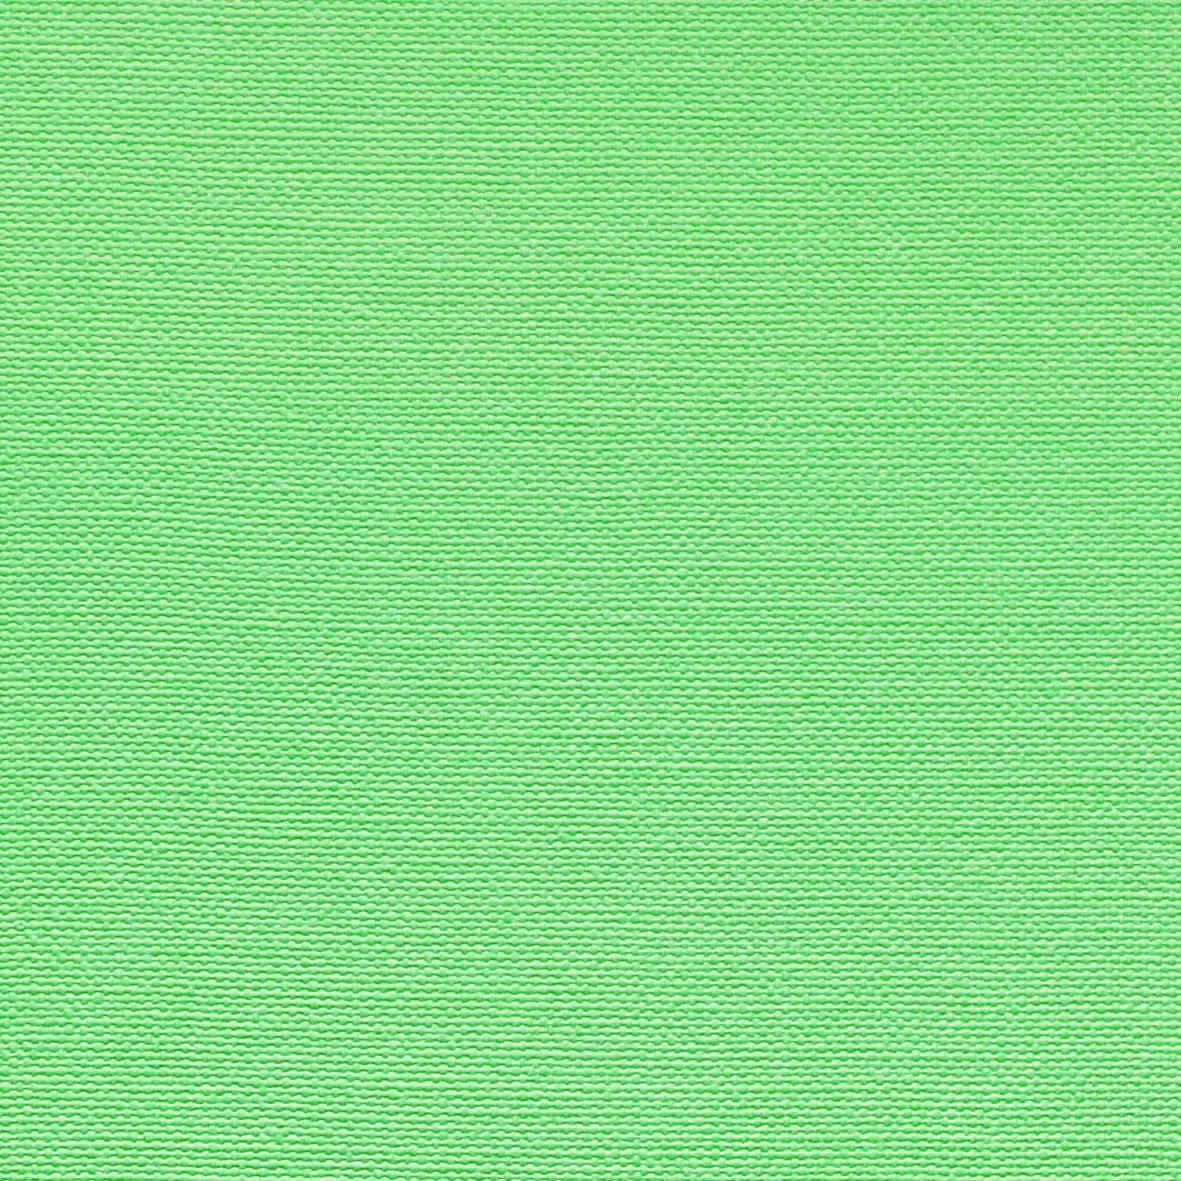 リリカラ 壁紙44m シンフル 織物調 グリーン LL-8240 B01N0AX04H 44m|グリーン